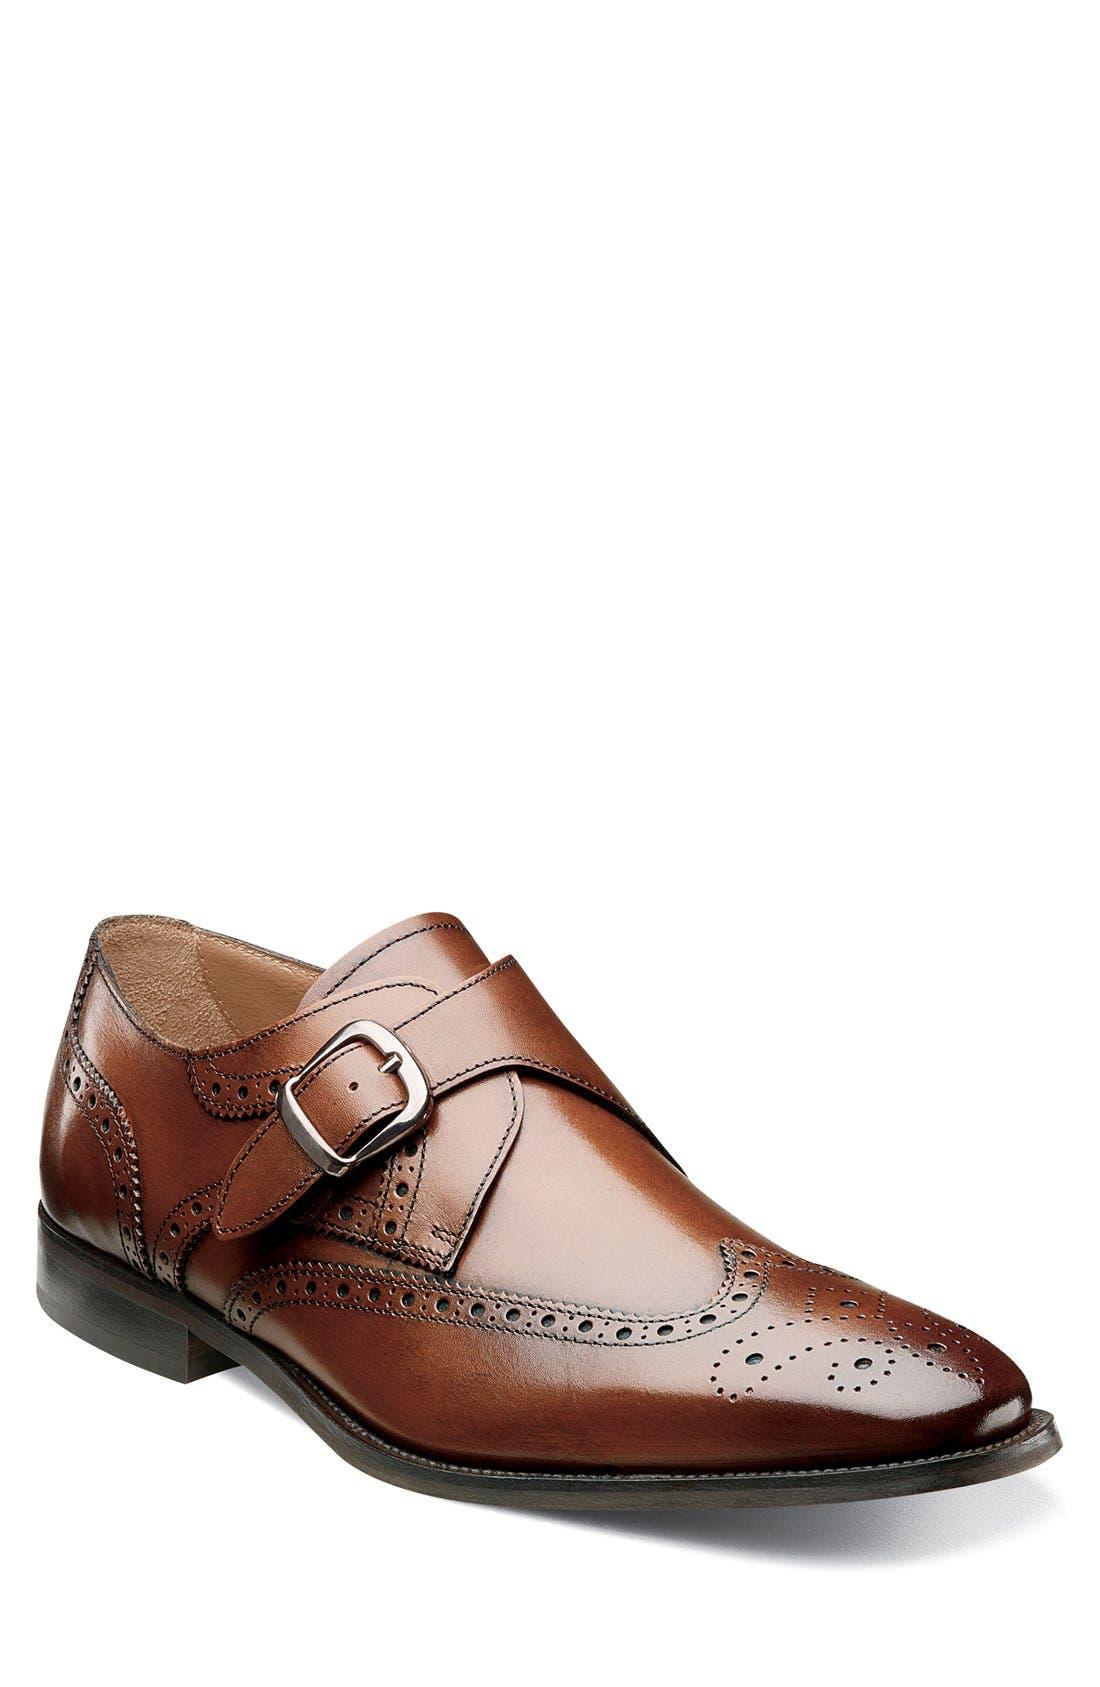 'Sabato' Wingtip Monk Strap Shoe,                         Main,                         color, MEDIUM BROWN